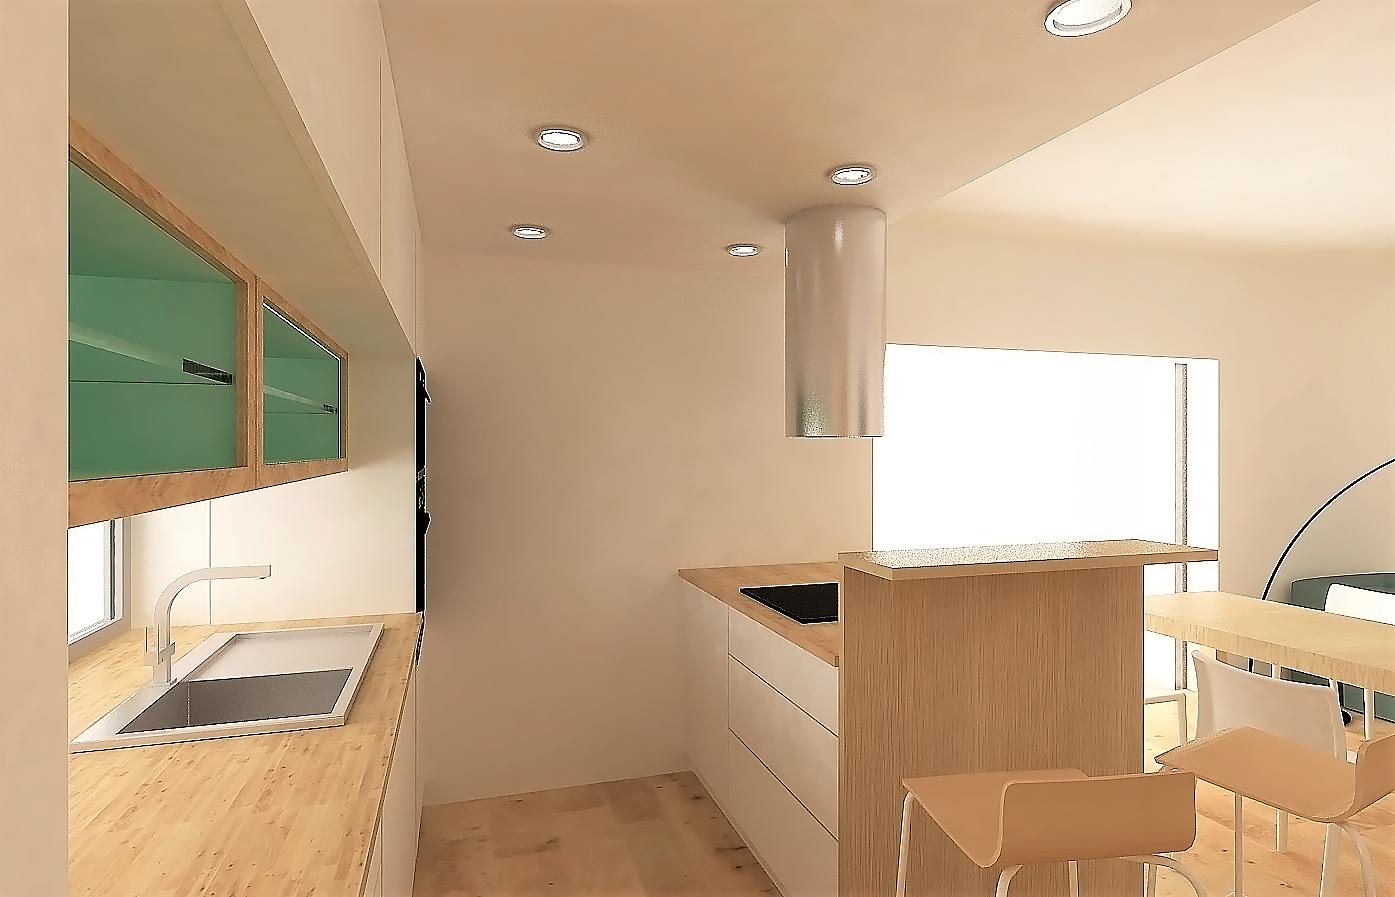 Kuchyně a koupelna